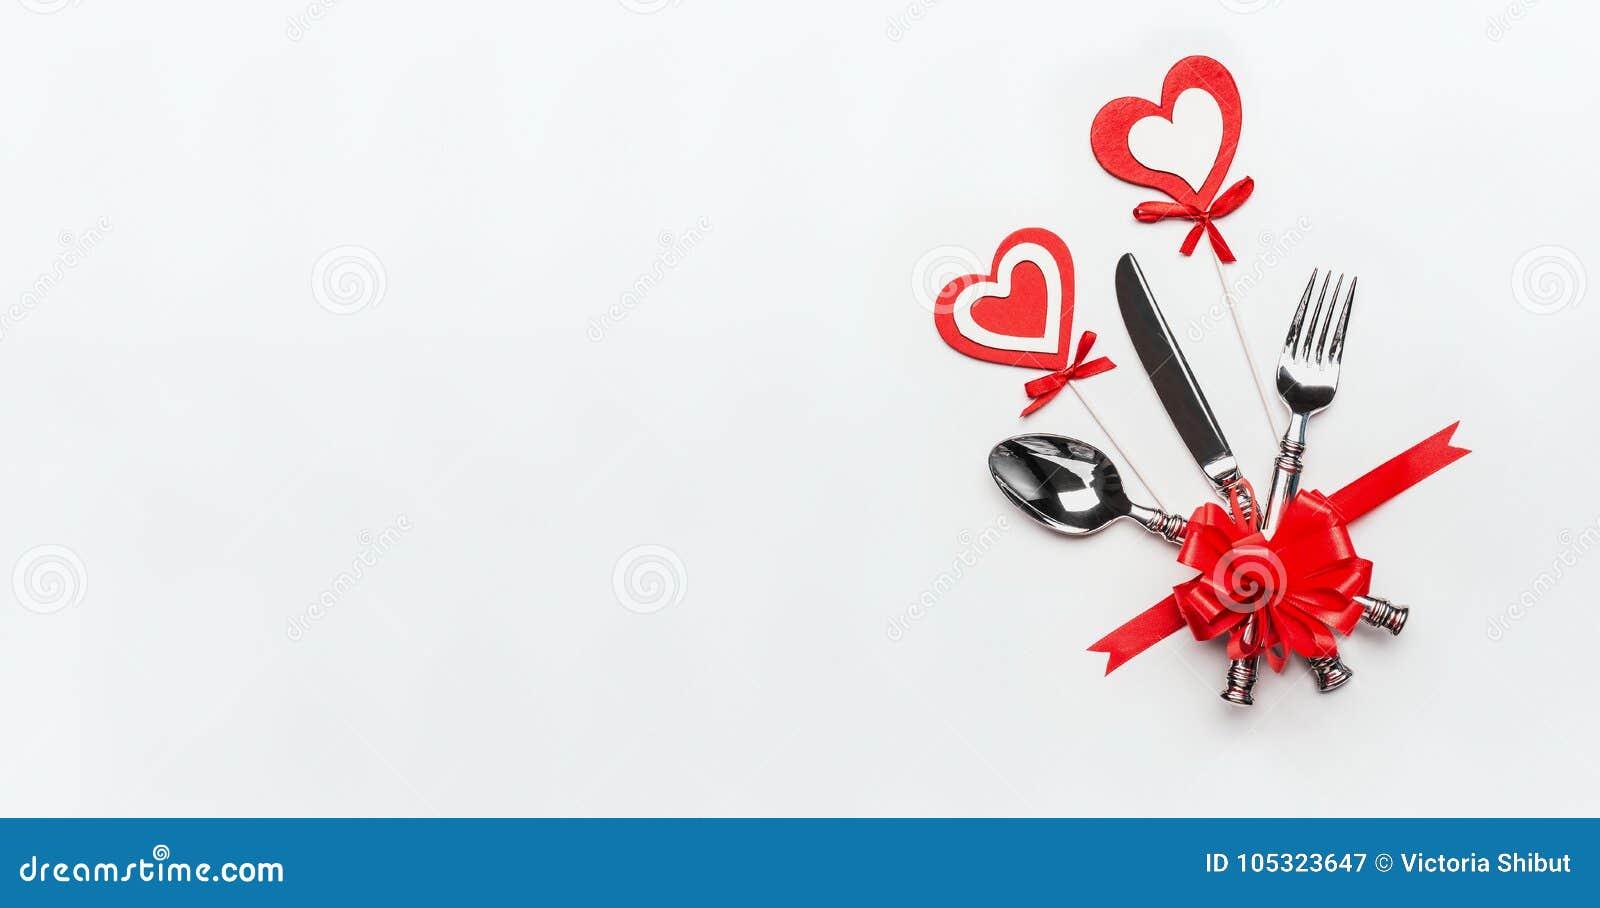 与利器和红色丝带的欢乐桌在白色背景,横幅的餐位餐具和心脏